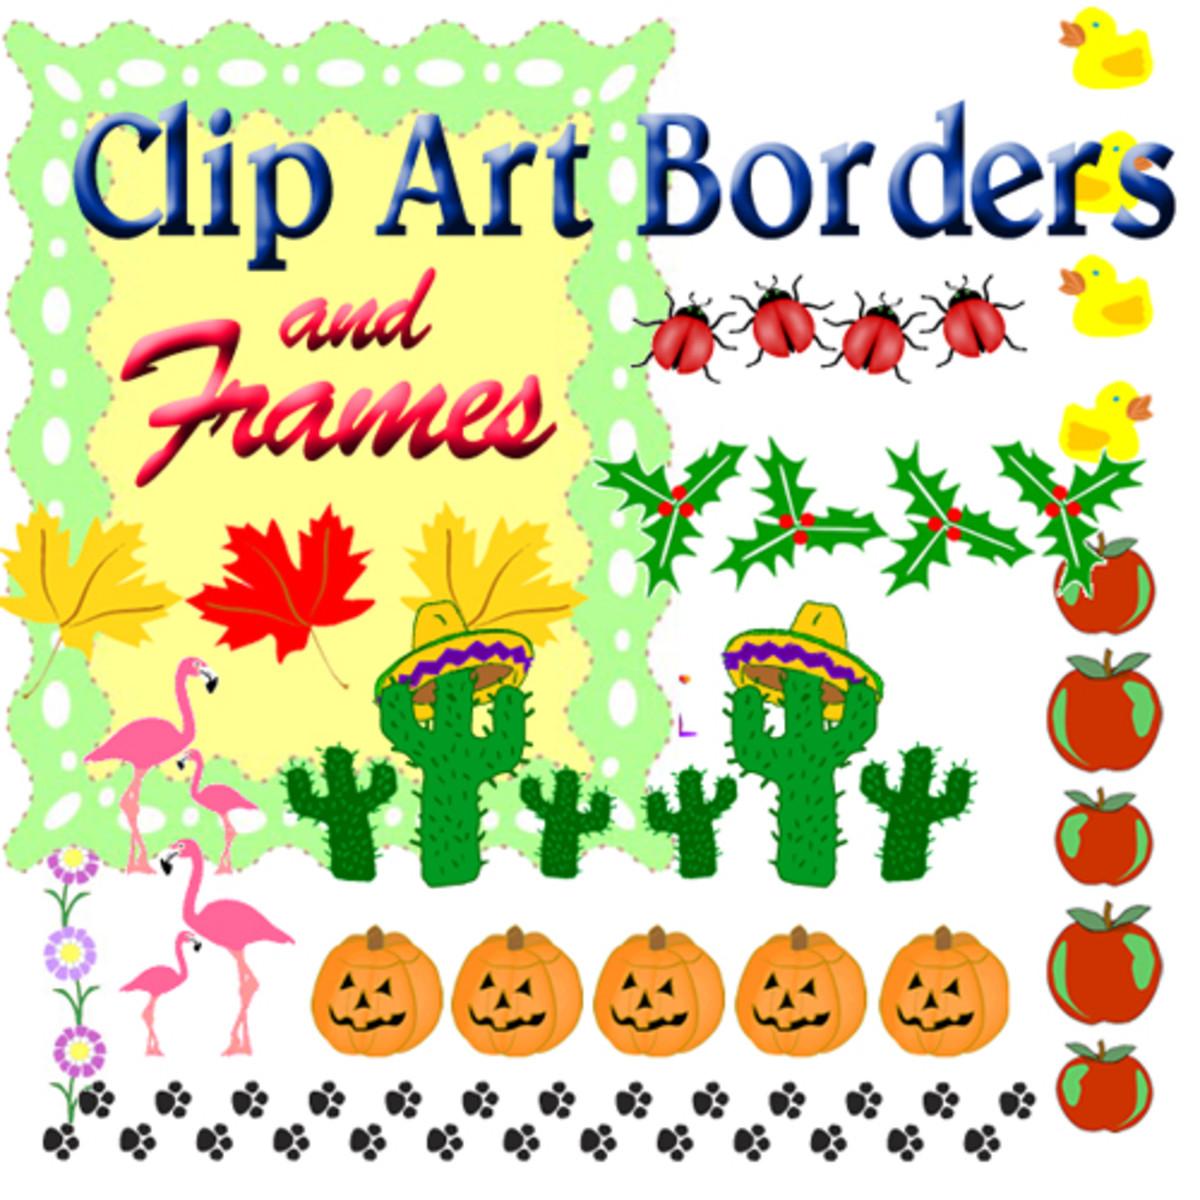 Clip art borders amp frames